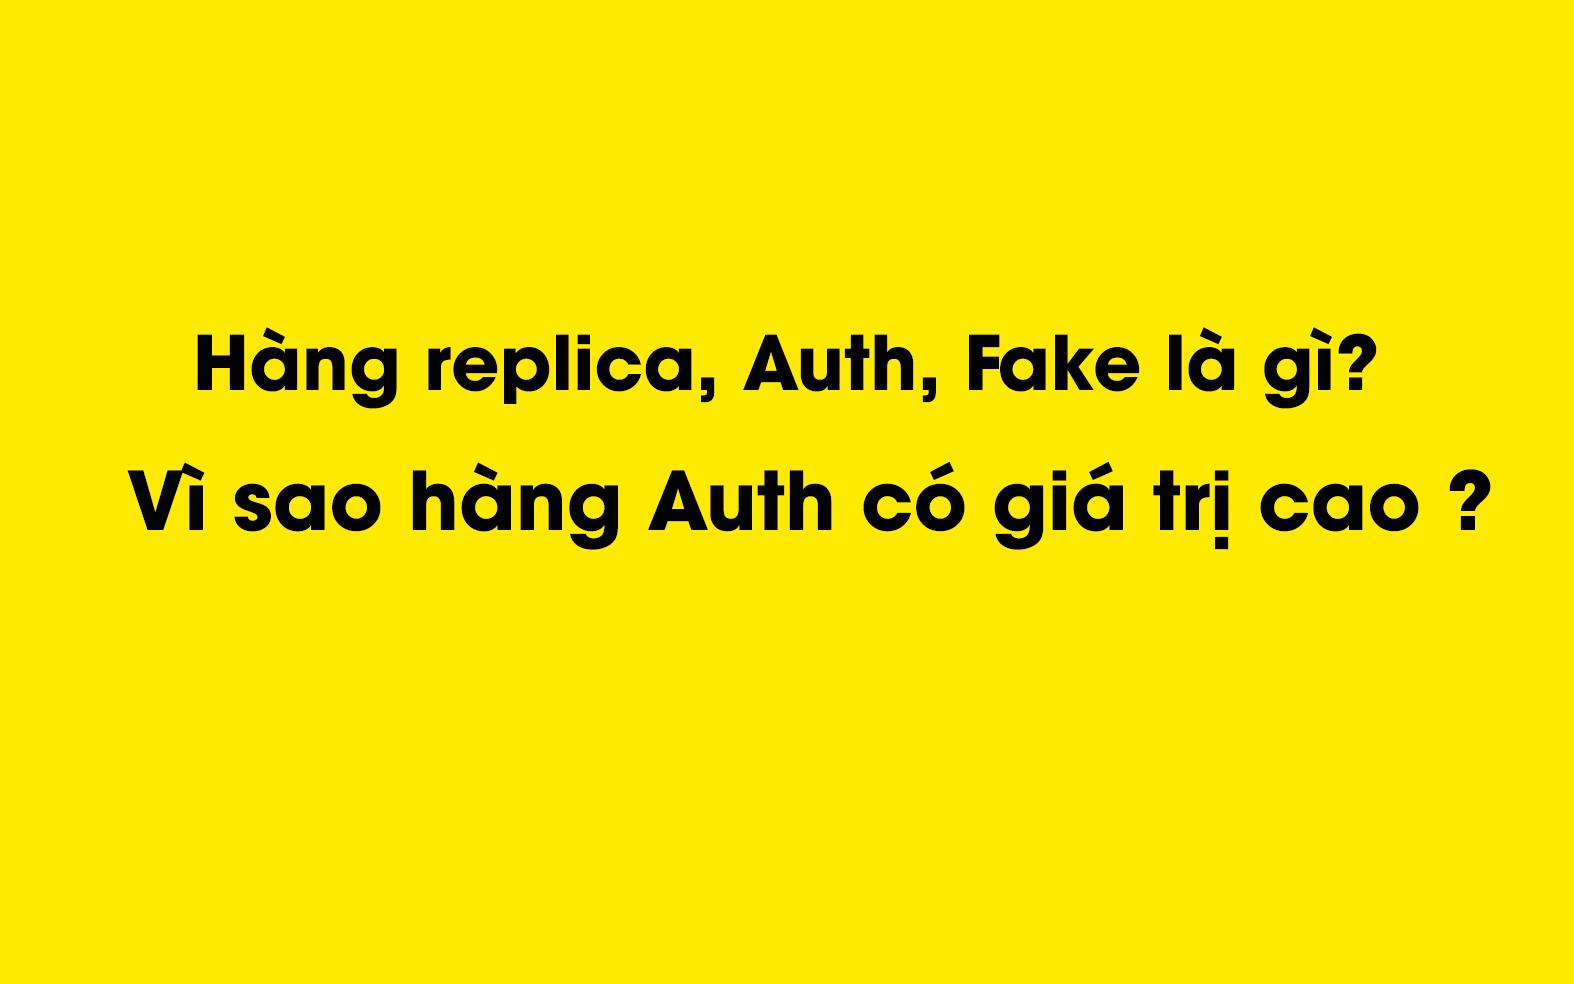 Hàng replica, Auth, Fake là gì? So sánh và phân biệt - Kinh nghiệm Aobongda24h